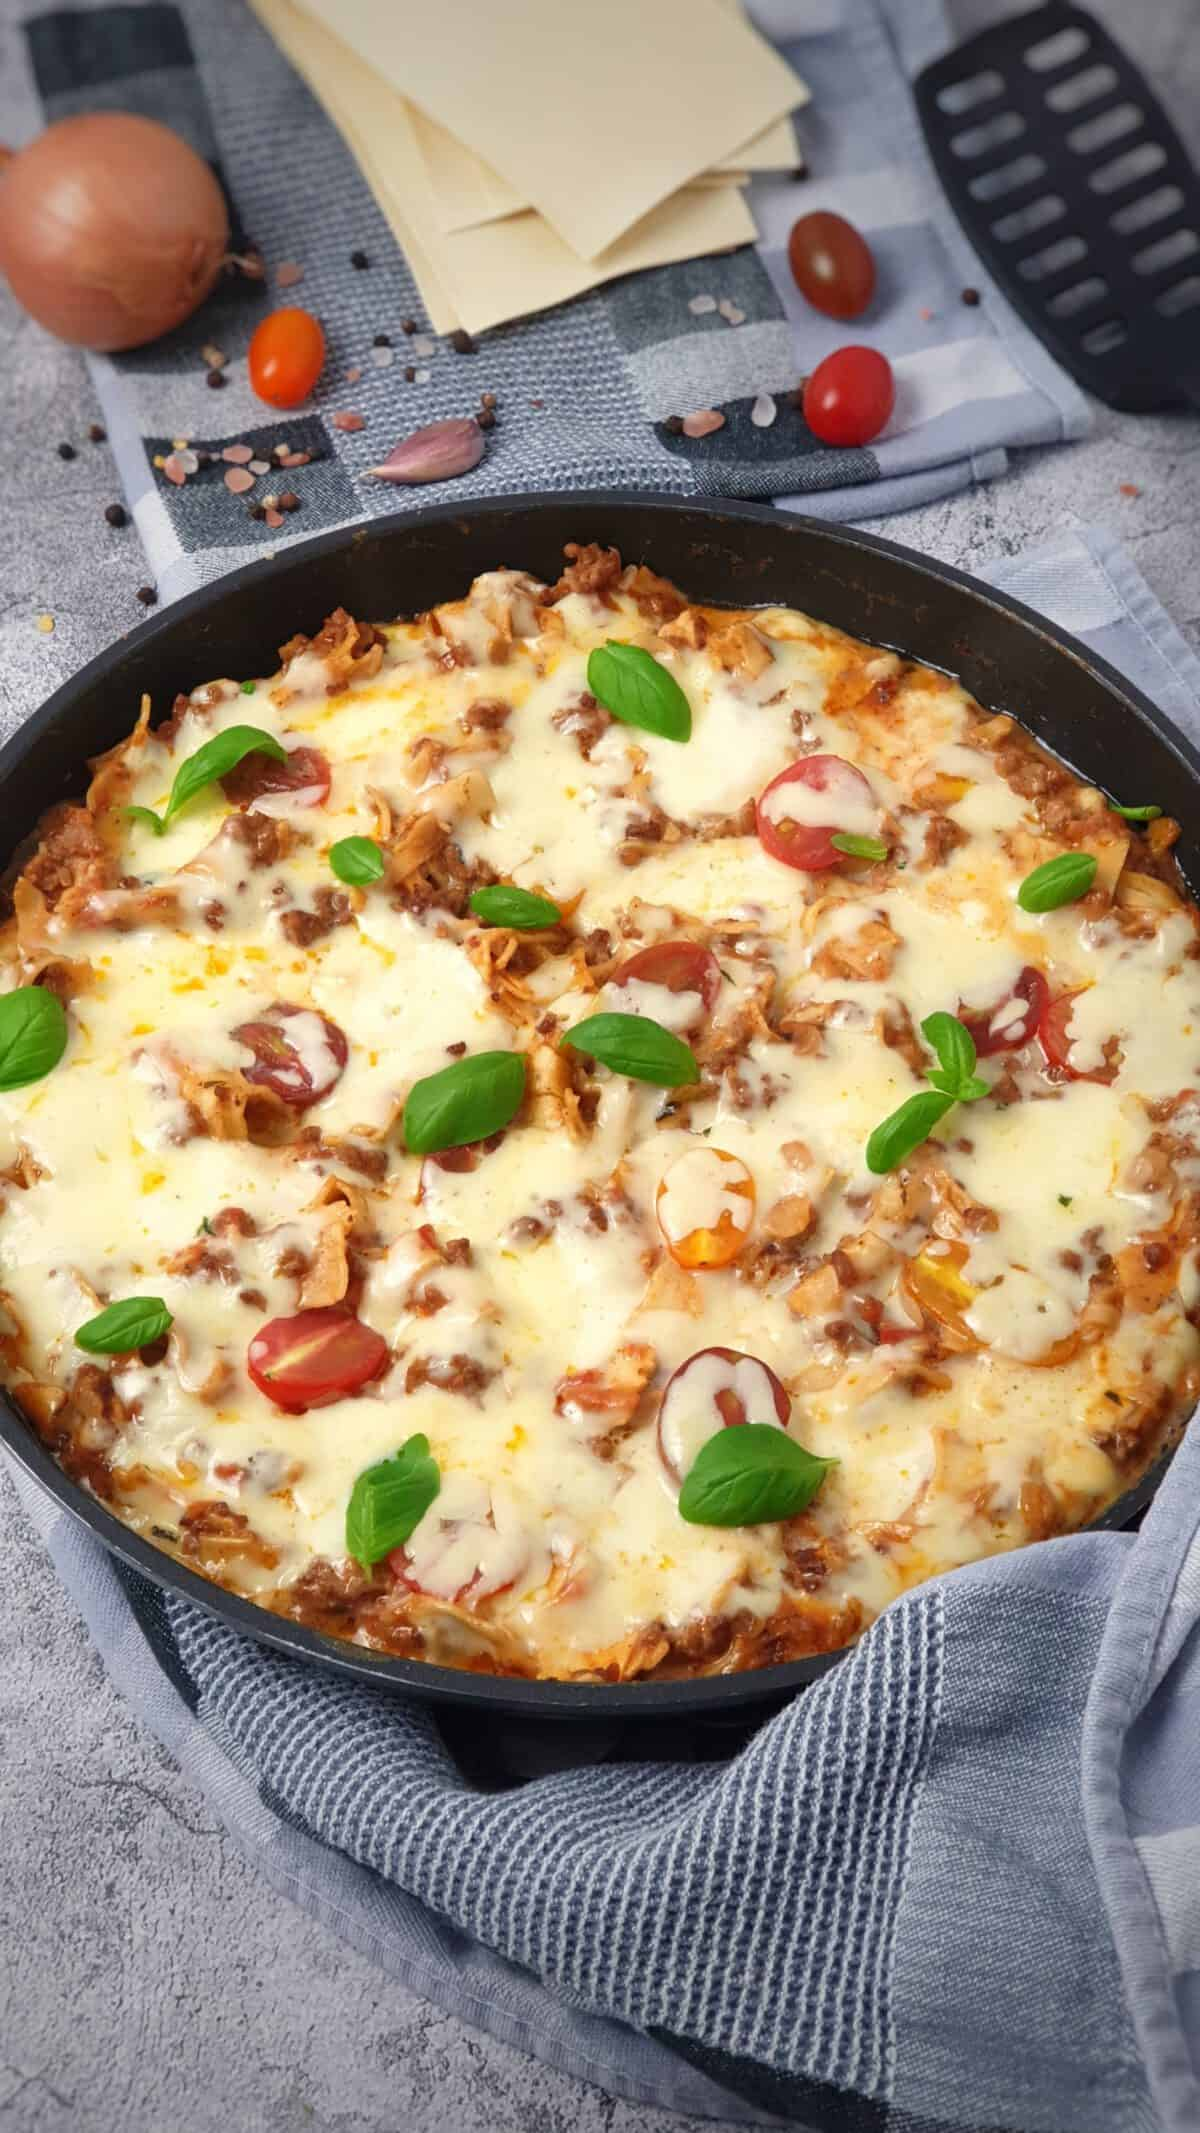 In einer Pfanne eine Pfannen-Lasagne mit Käse gratiniert und mit Basilikum bestreut.